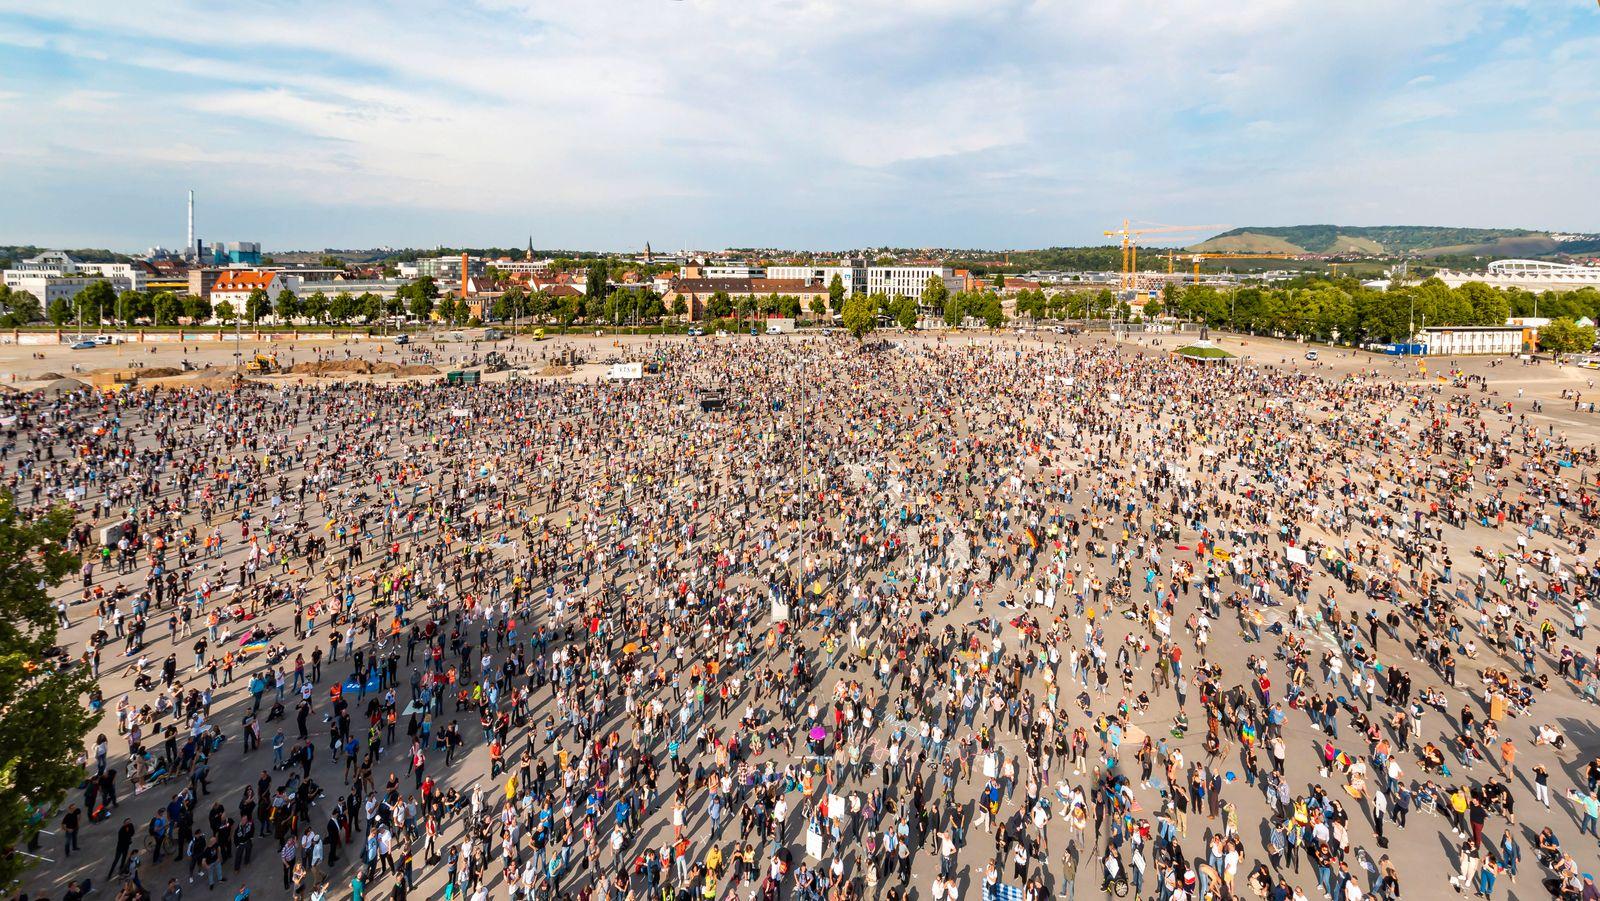 Deutschland, Baden-Württemberg, Stuttgart, 09.05.2020: 7. Mahnwache für das Grundgesetz. Mehrere Tausend Menschen demon